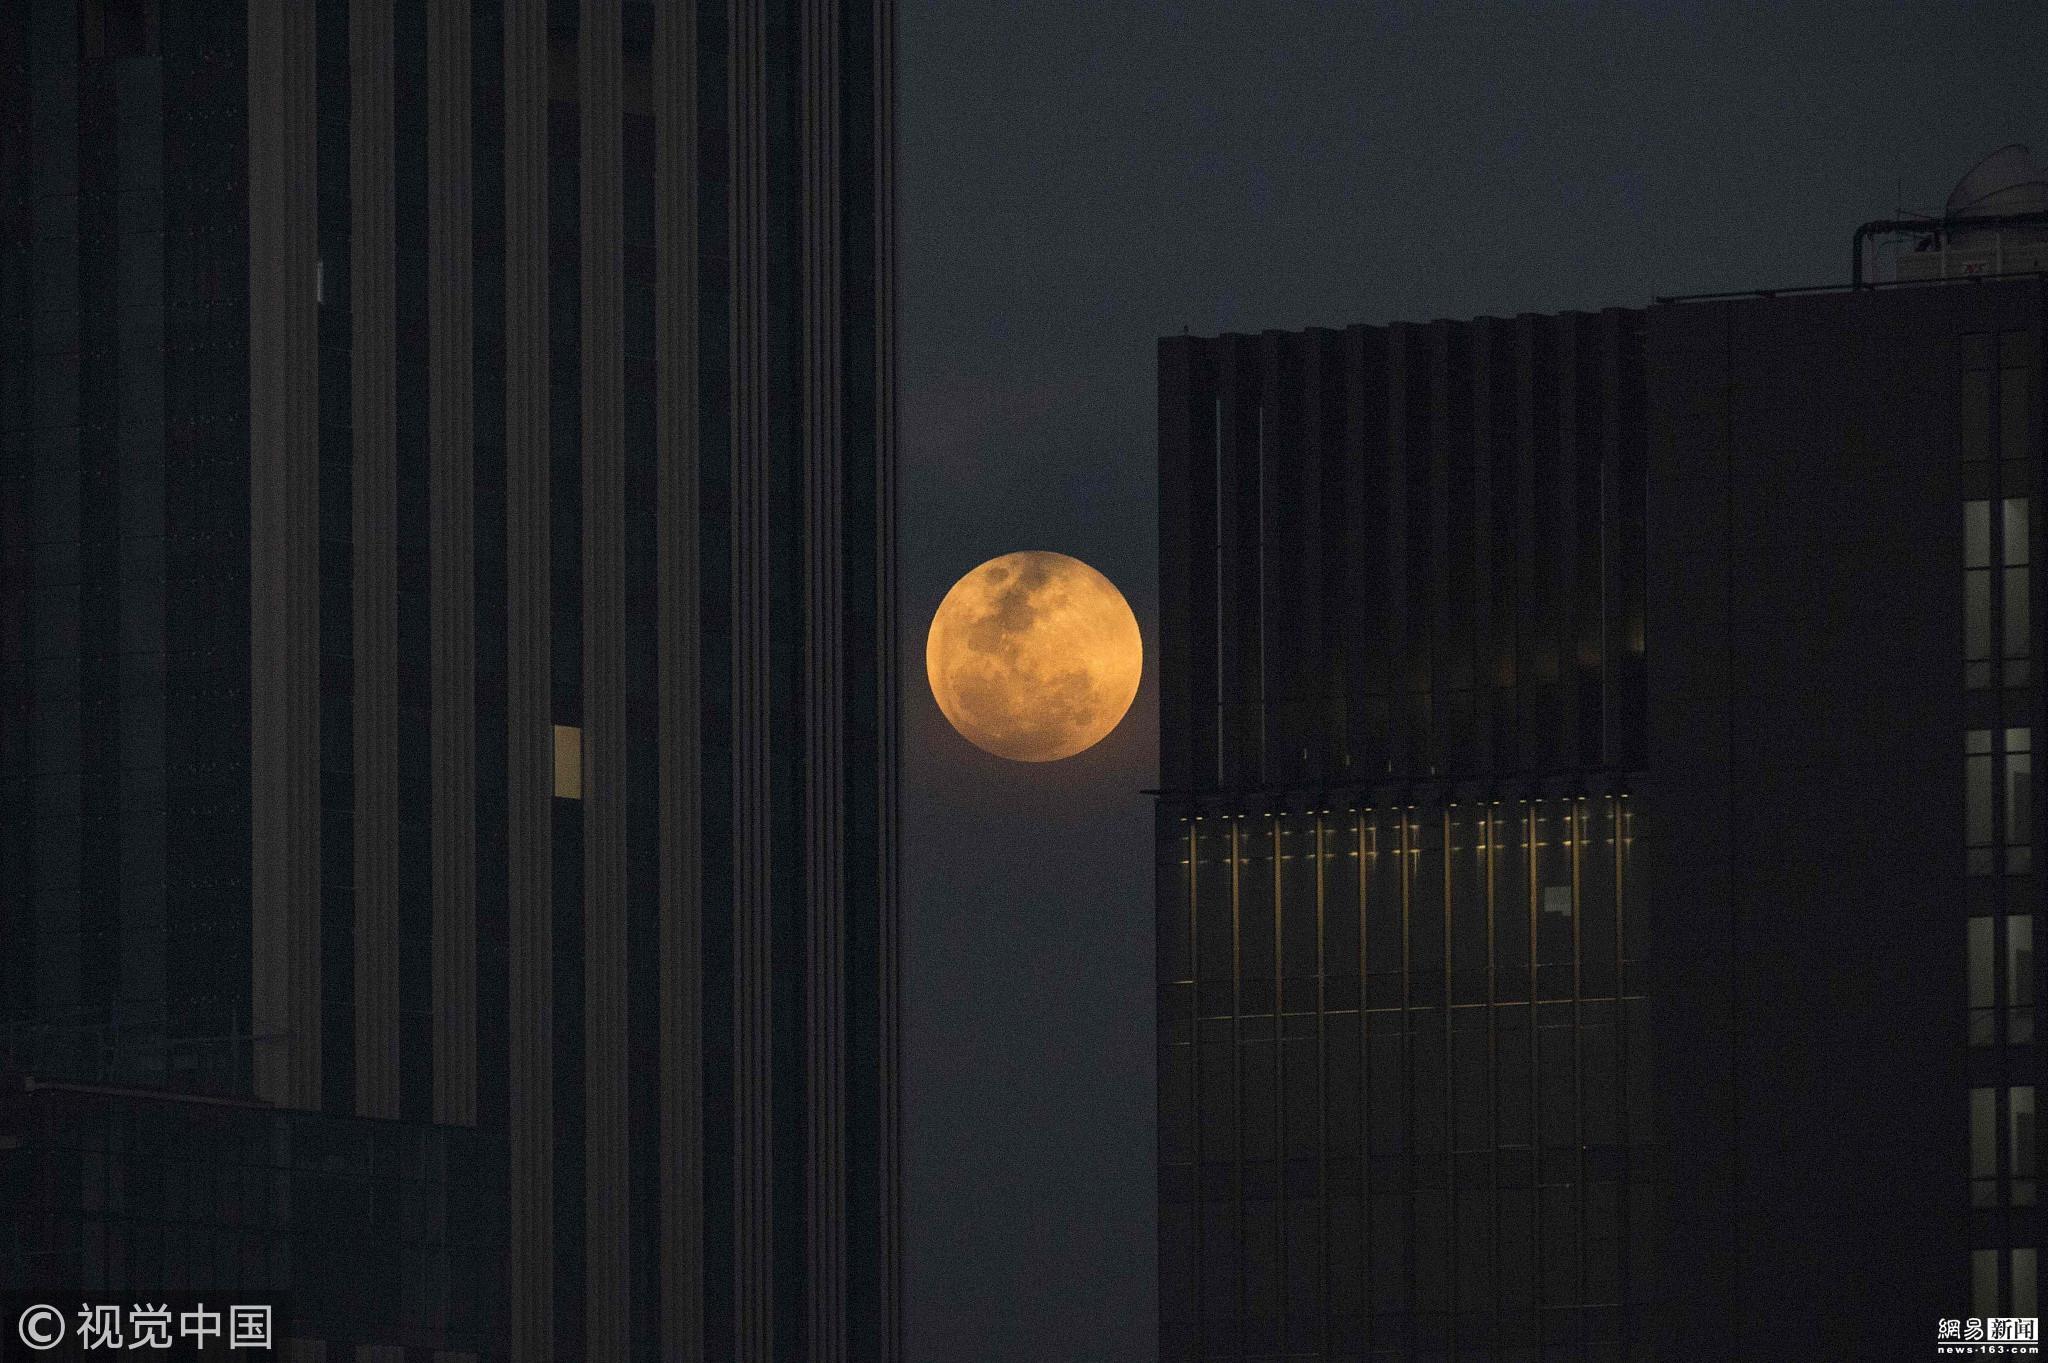 昨晚的月食您观看了嘛 - 长天秋水2 - 长天秋水 的博客